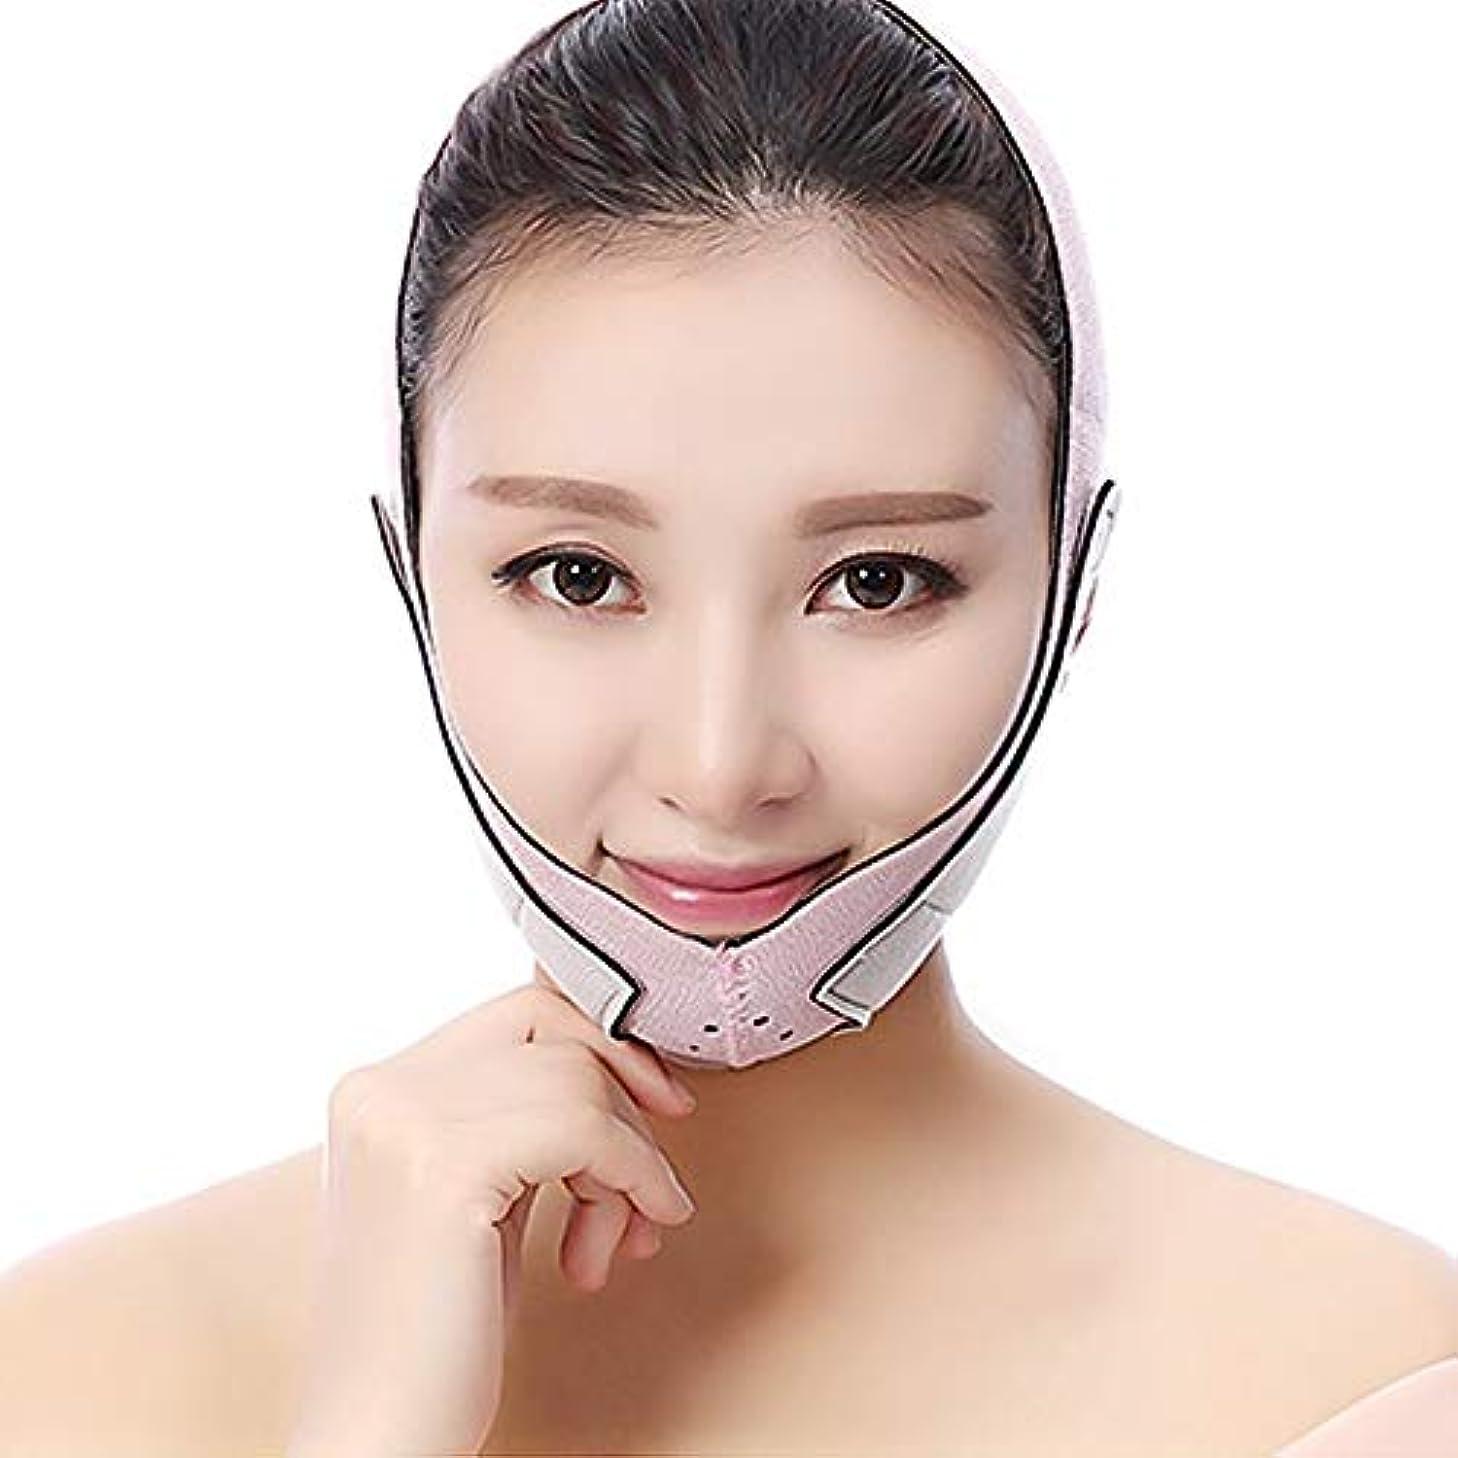 荒れ地フェローシップ差別的ZPSM 薄くて軽い フェイスリフティングベルト、顔の美容包帯、フェイスリフティング、ファーミングアンチリンクルダブルチンリデューサー (Color : A)